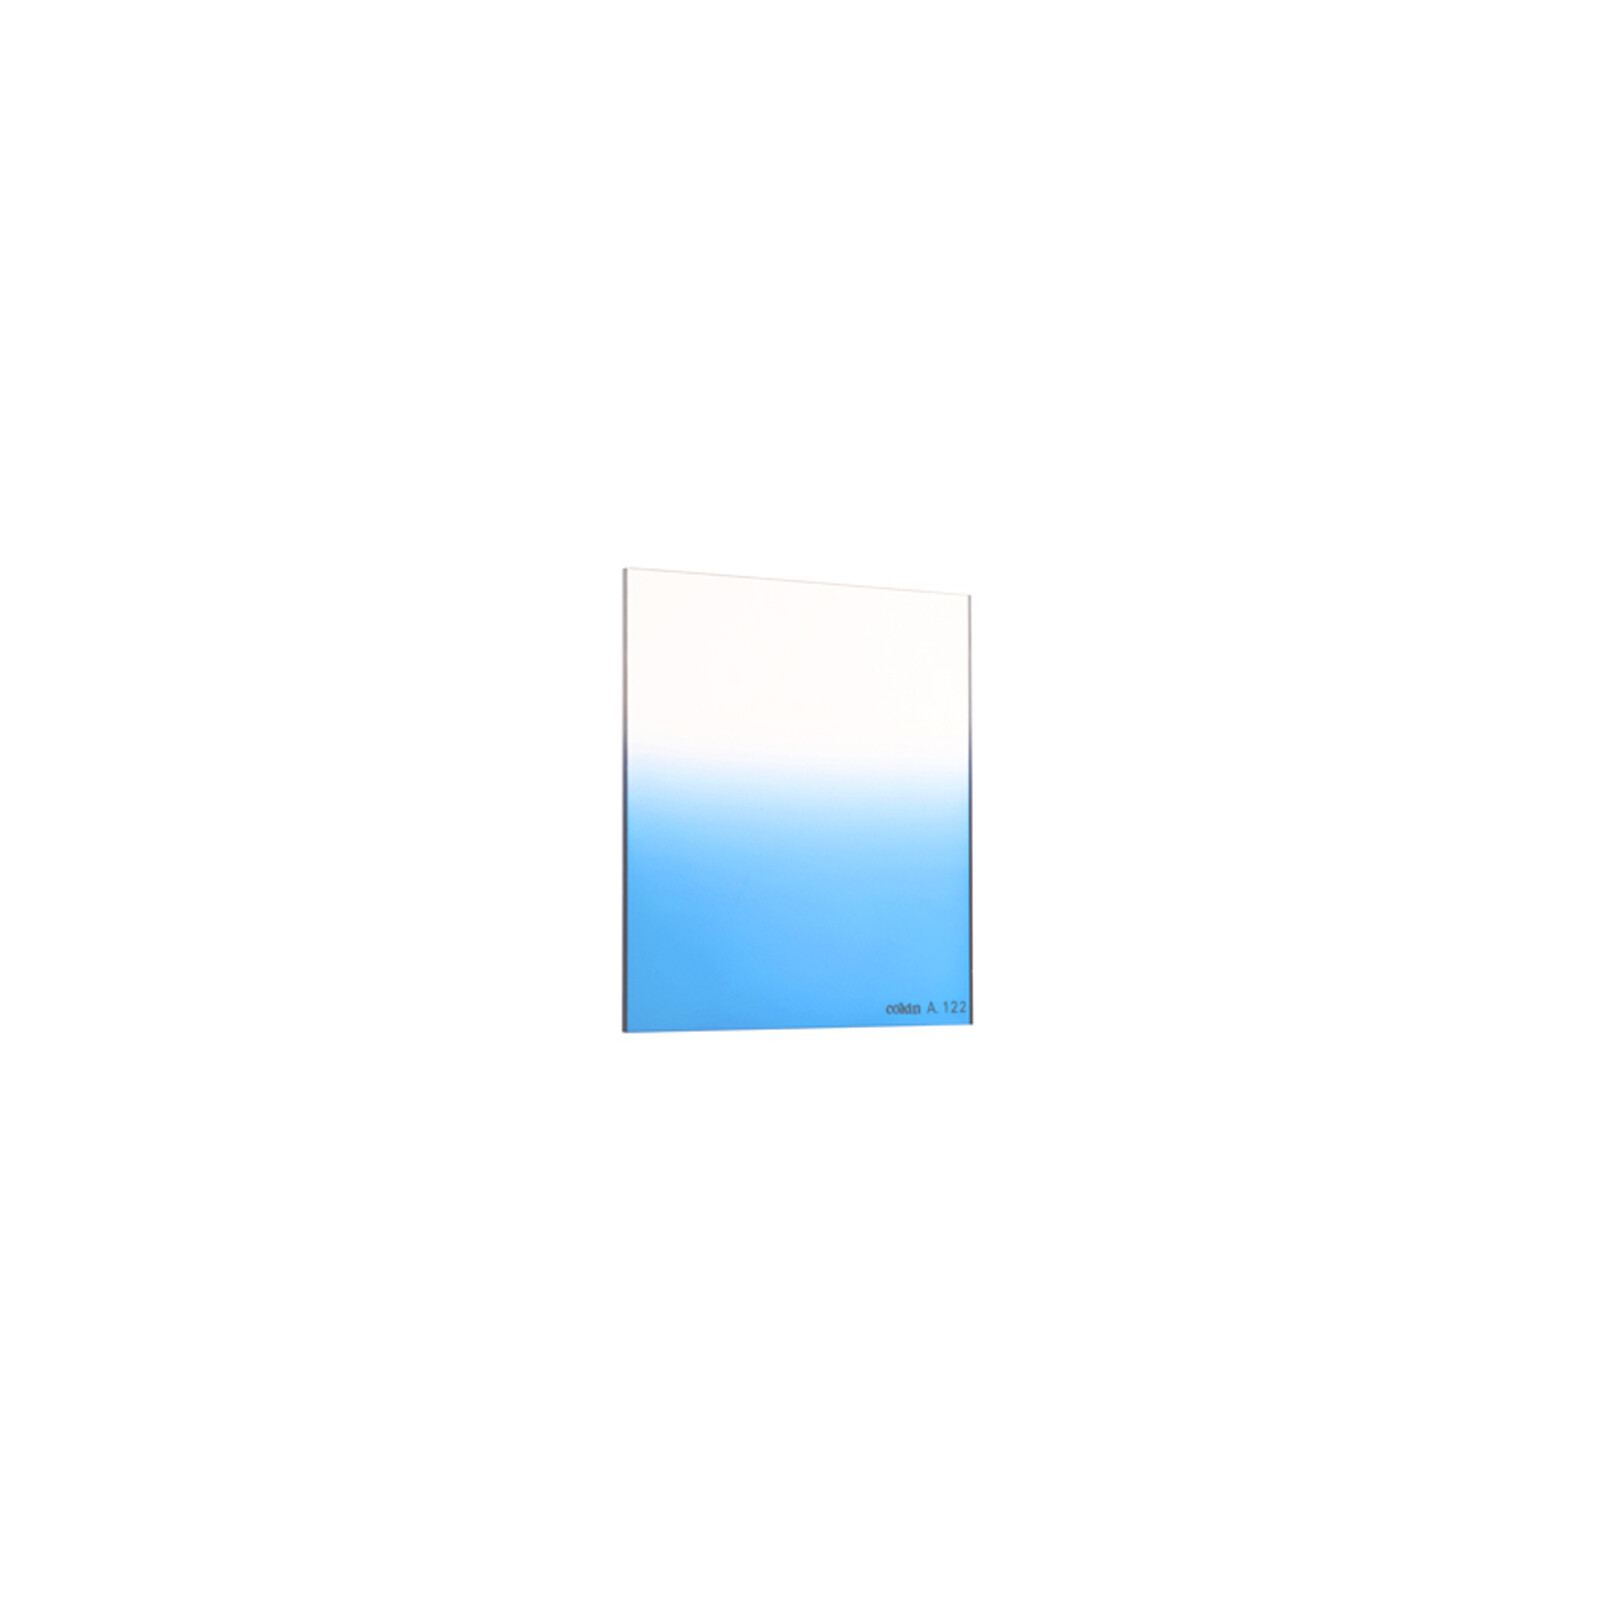 Cokin P122 Verlauf Blau 1